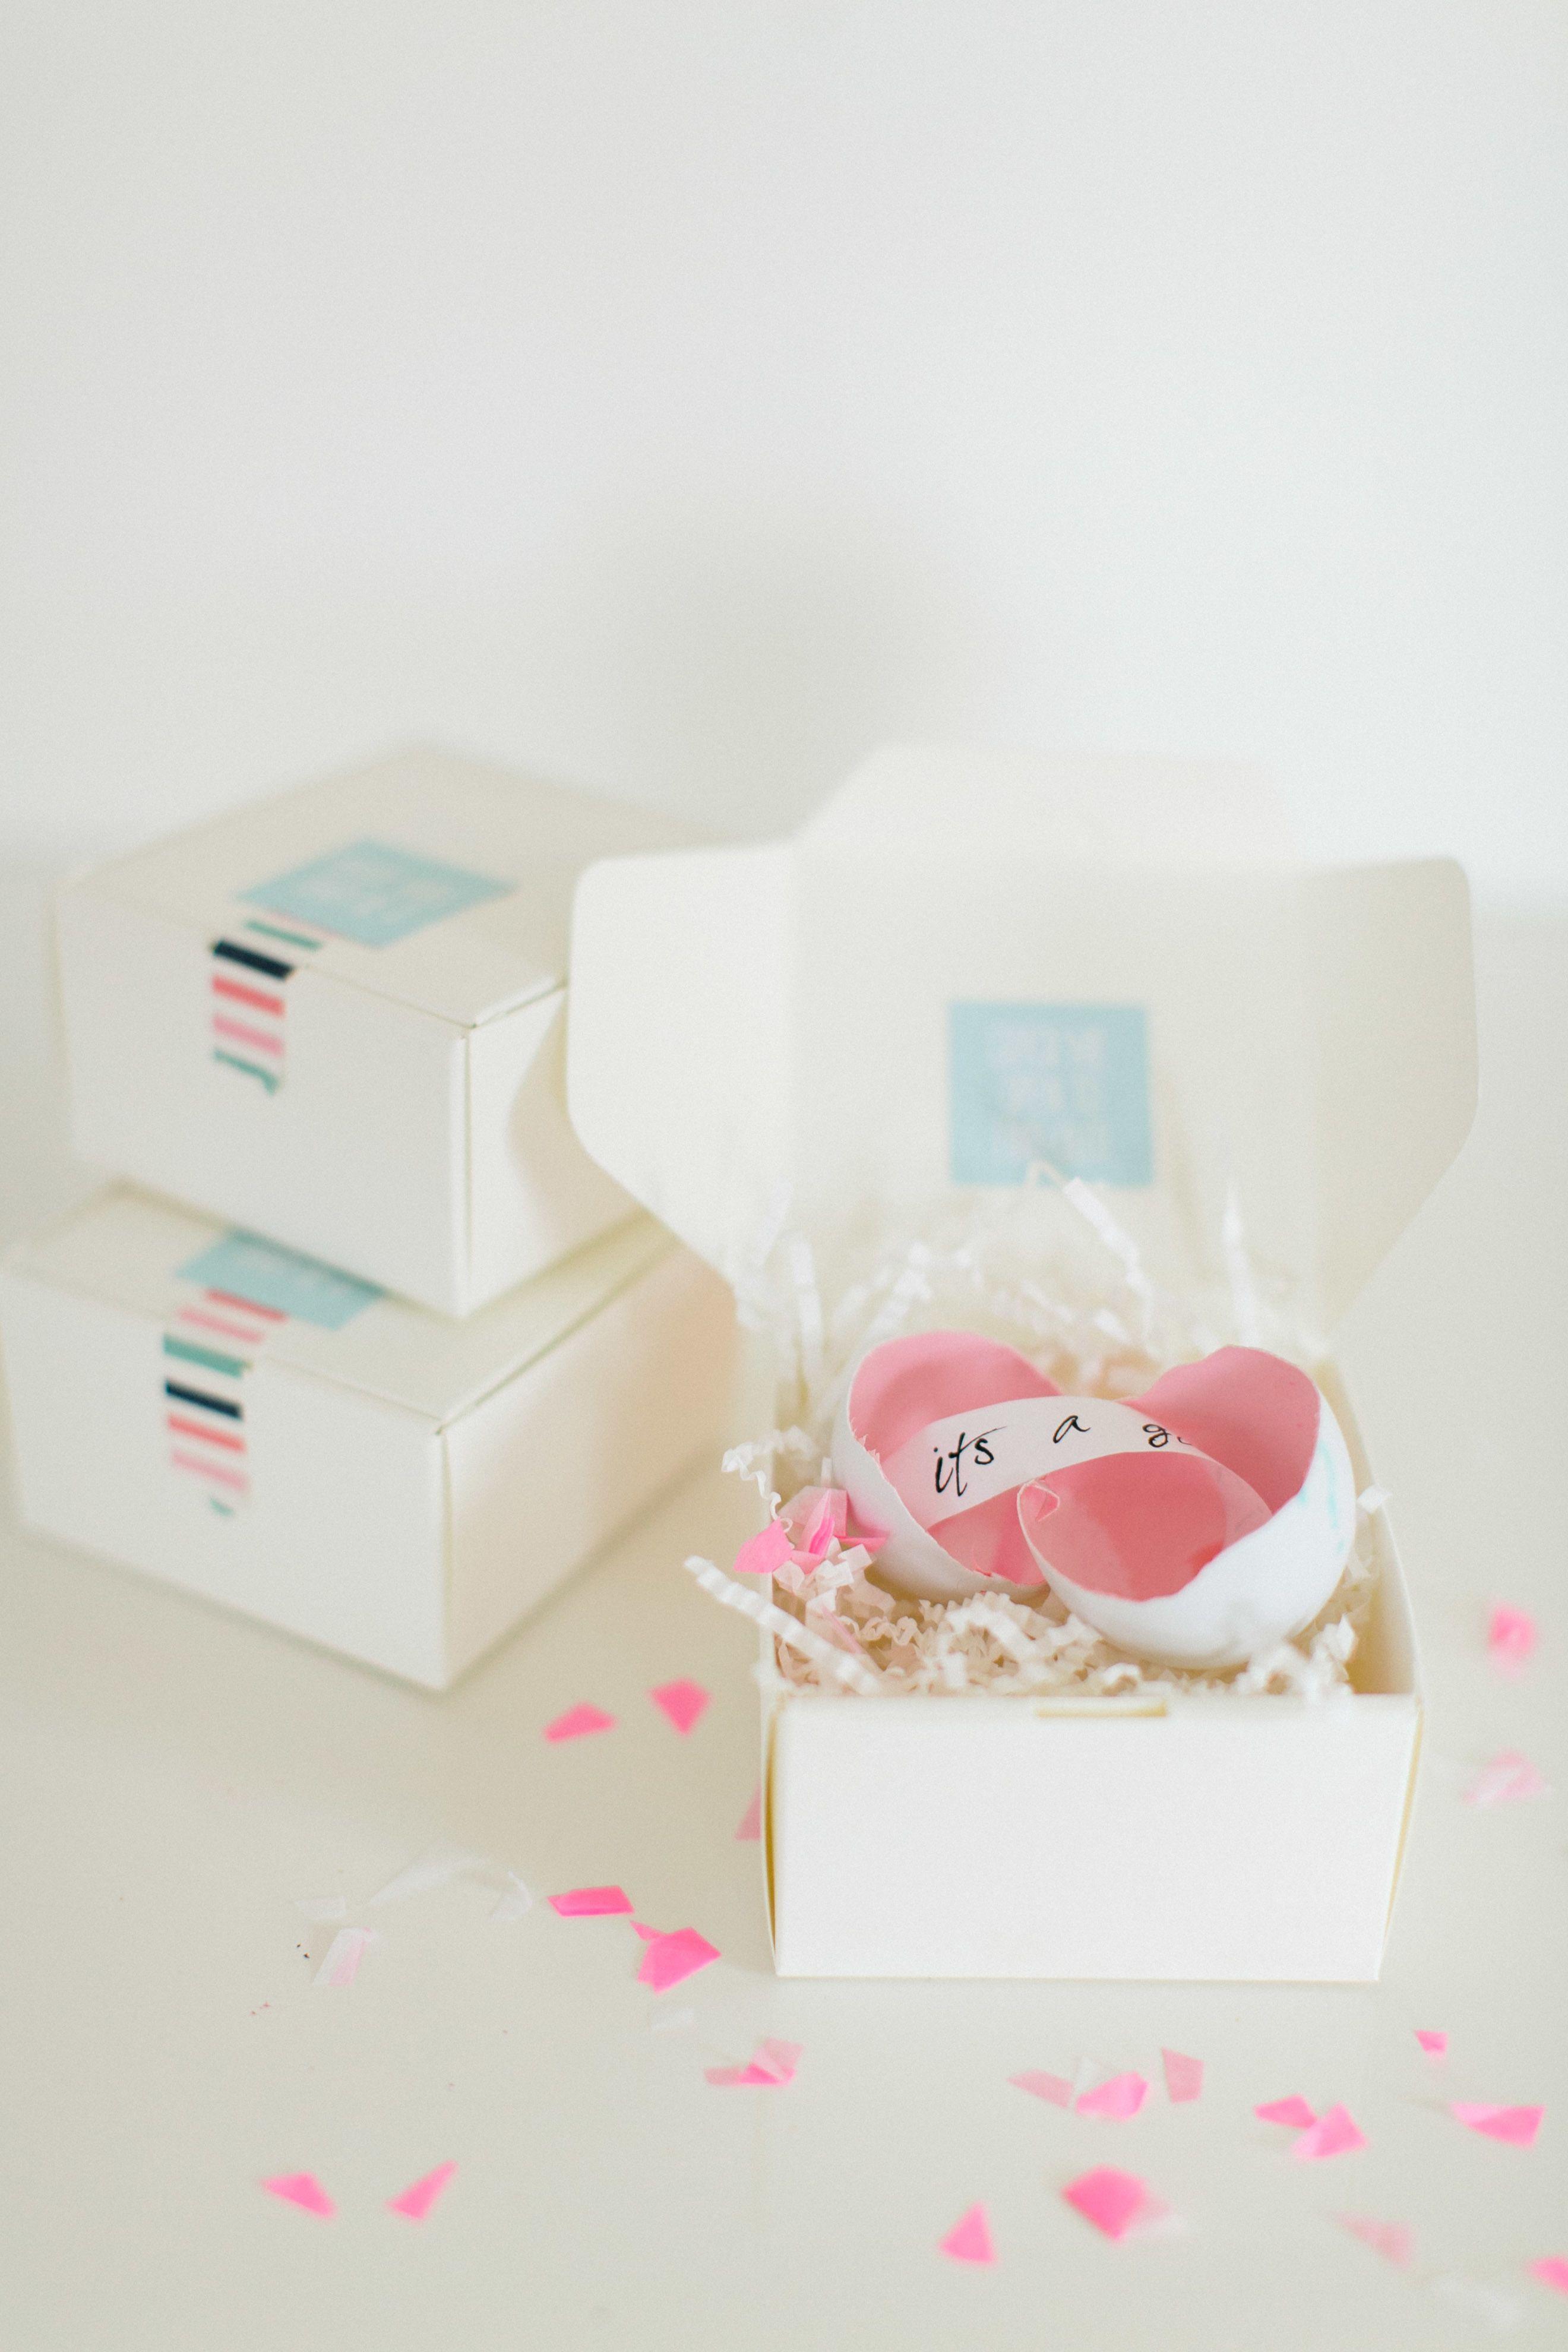 Diy Gender Reveal Egg Packages Gender Reveal Cards Simple Gender Reveal Gender Reveal Gifts